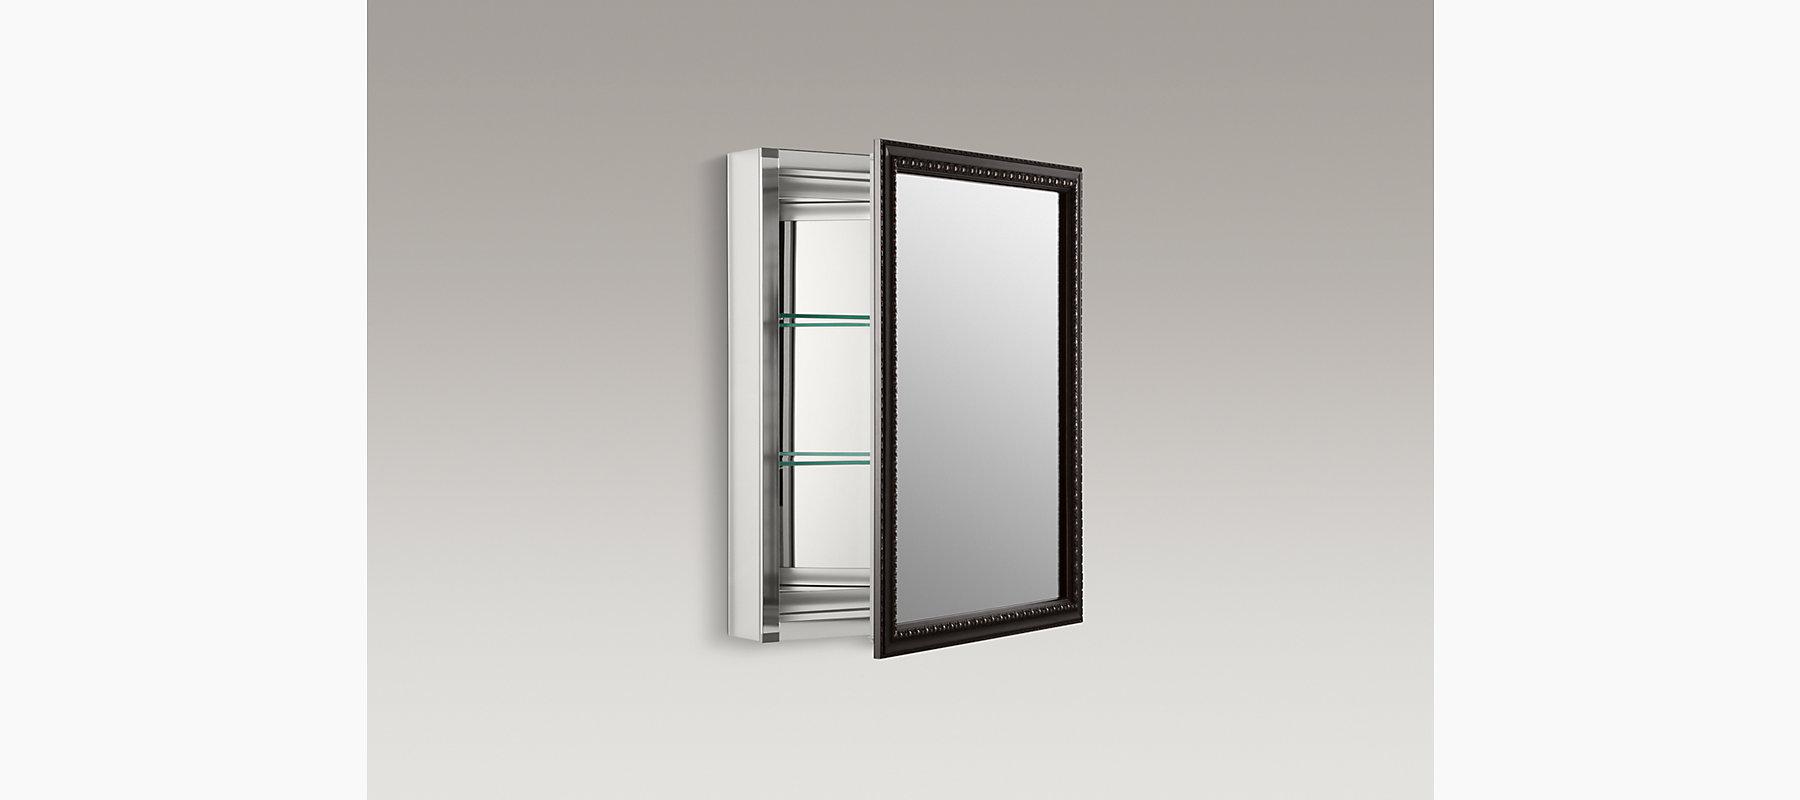 Aluminum Medicine Cabinet With Bronze Framed Mirror Door